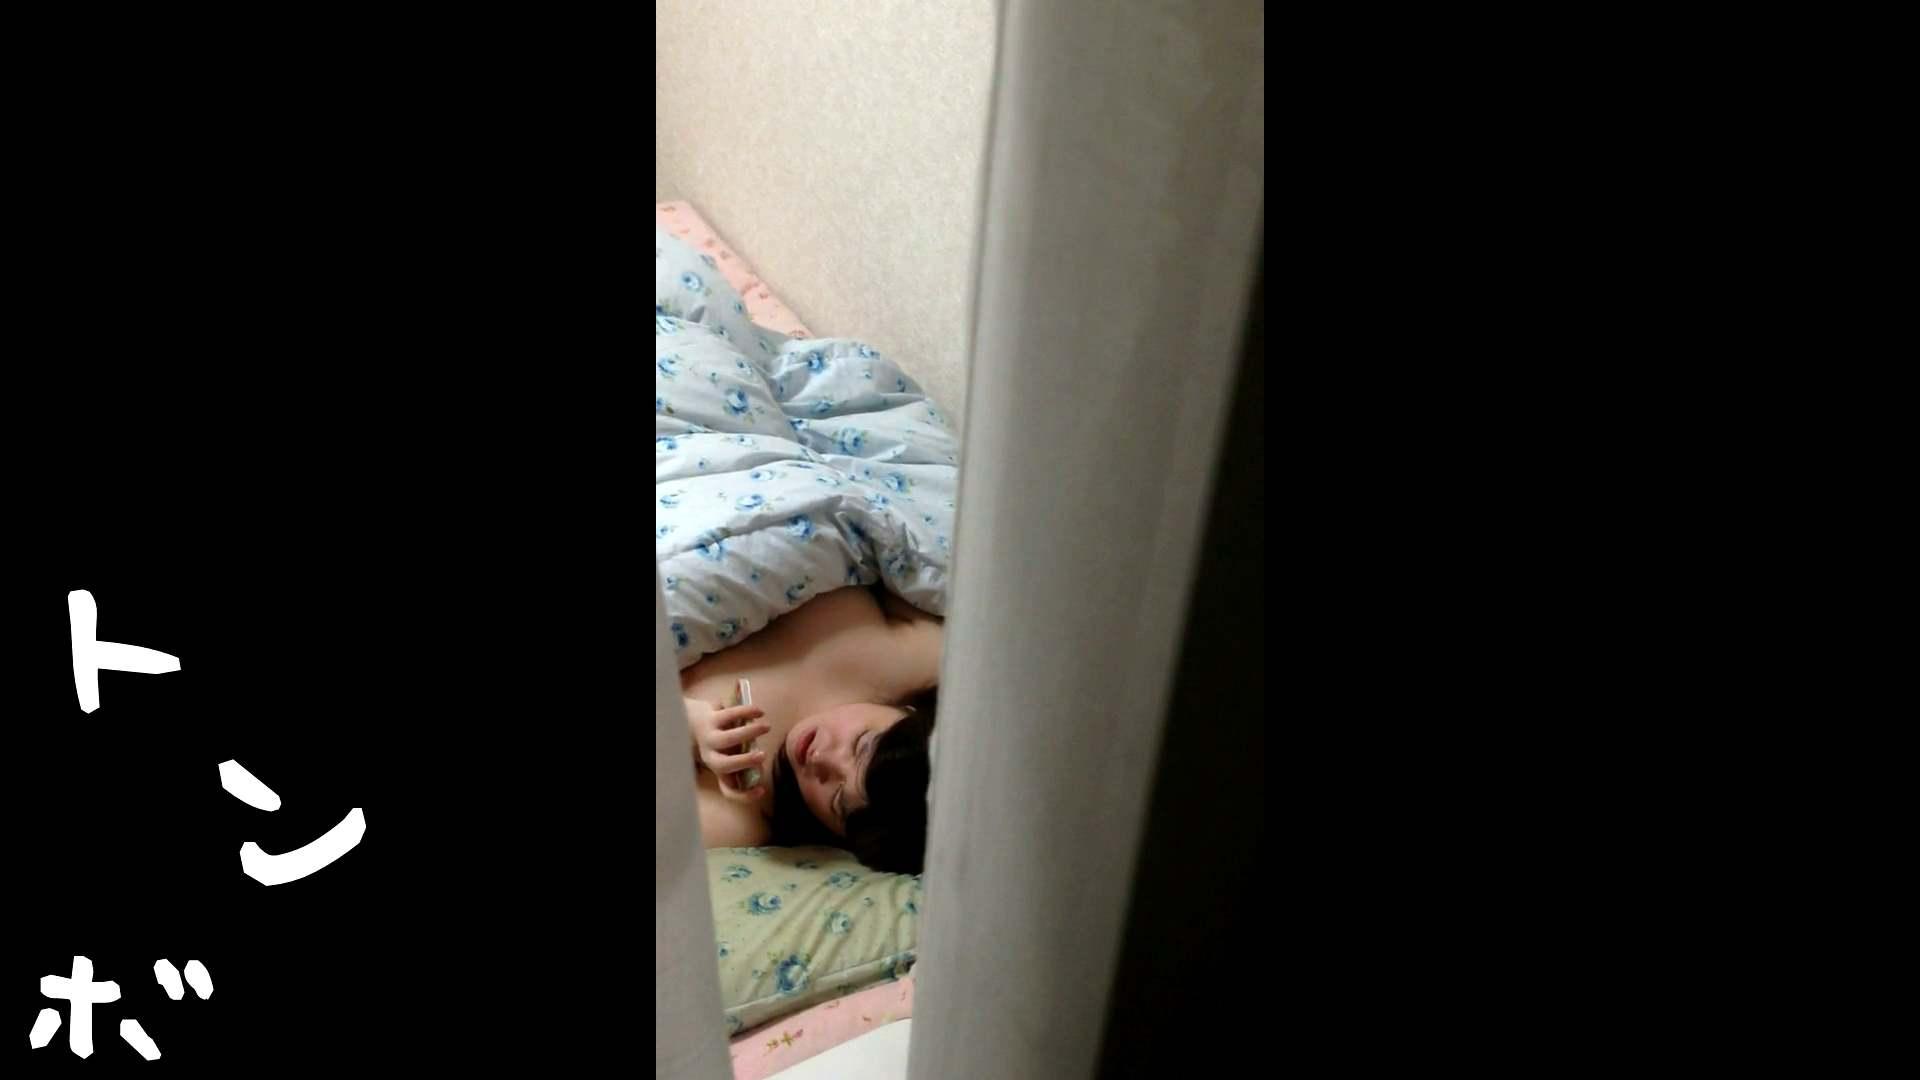 リアル盗撮 愛しいぽっちゃり女子大生 性欲溢れるオナニー 高画質 エロ無料画像 111画像 17